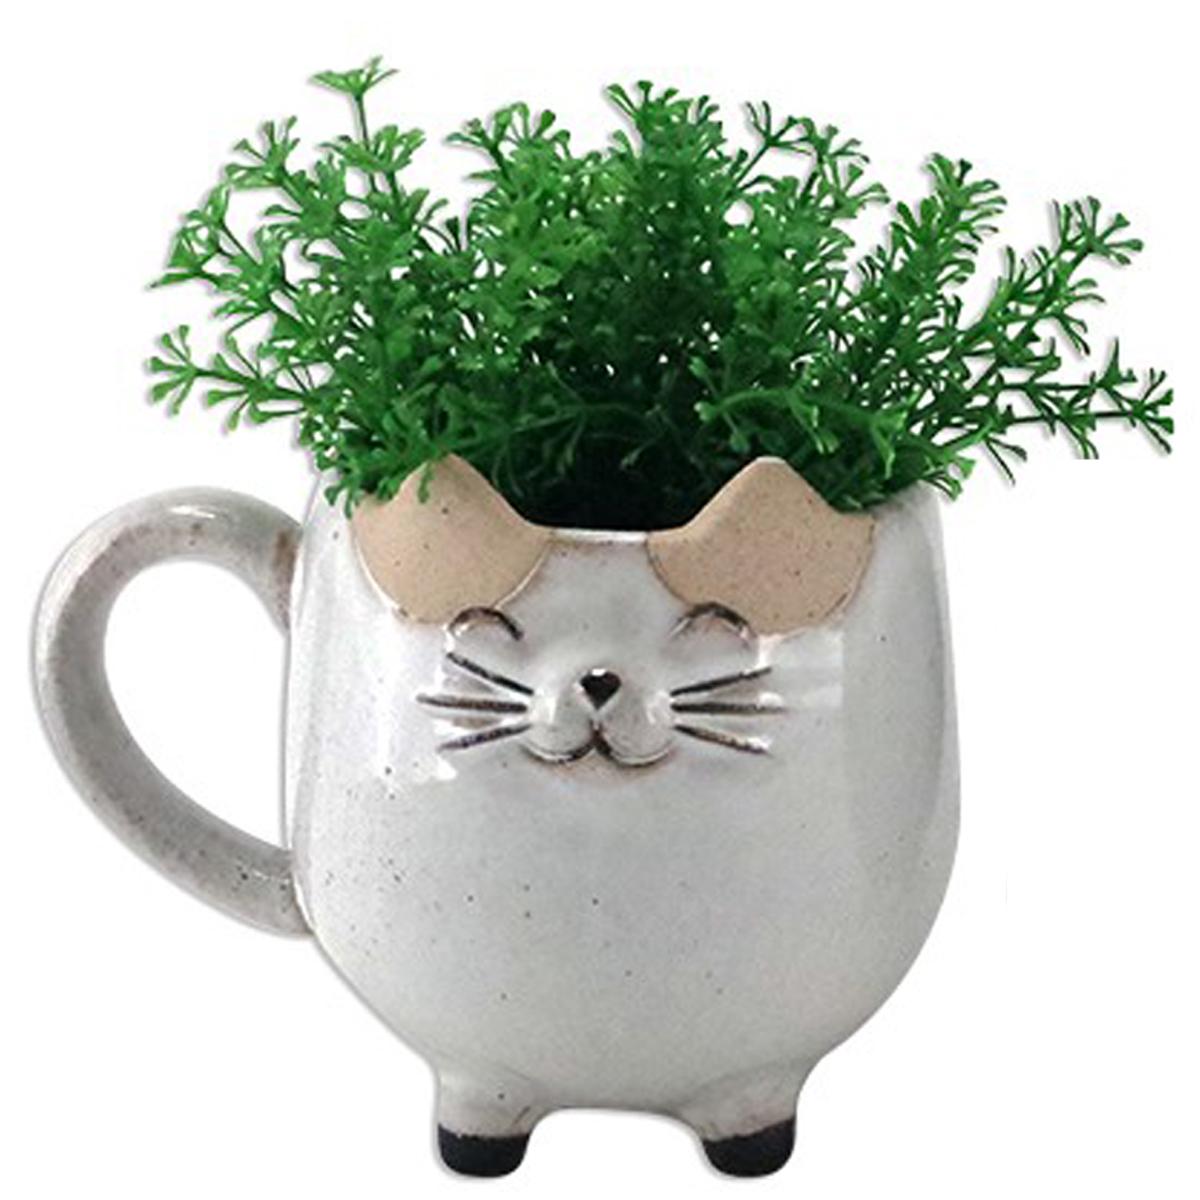 Cache pot céramique \'Chats\' gris clair - 11x10x14 cm - [A2499]